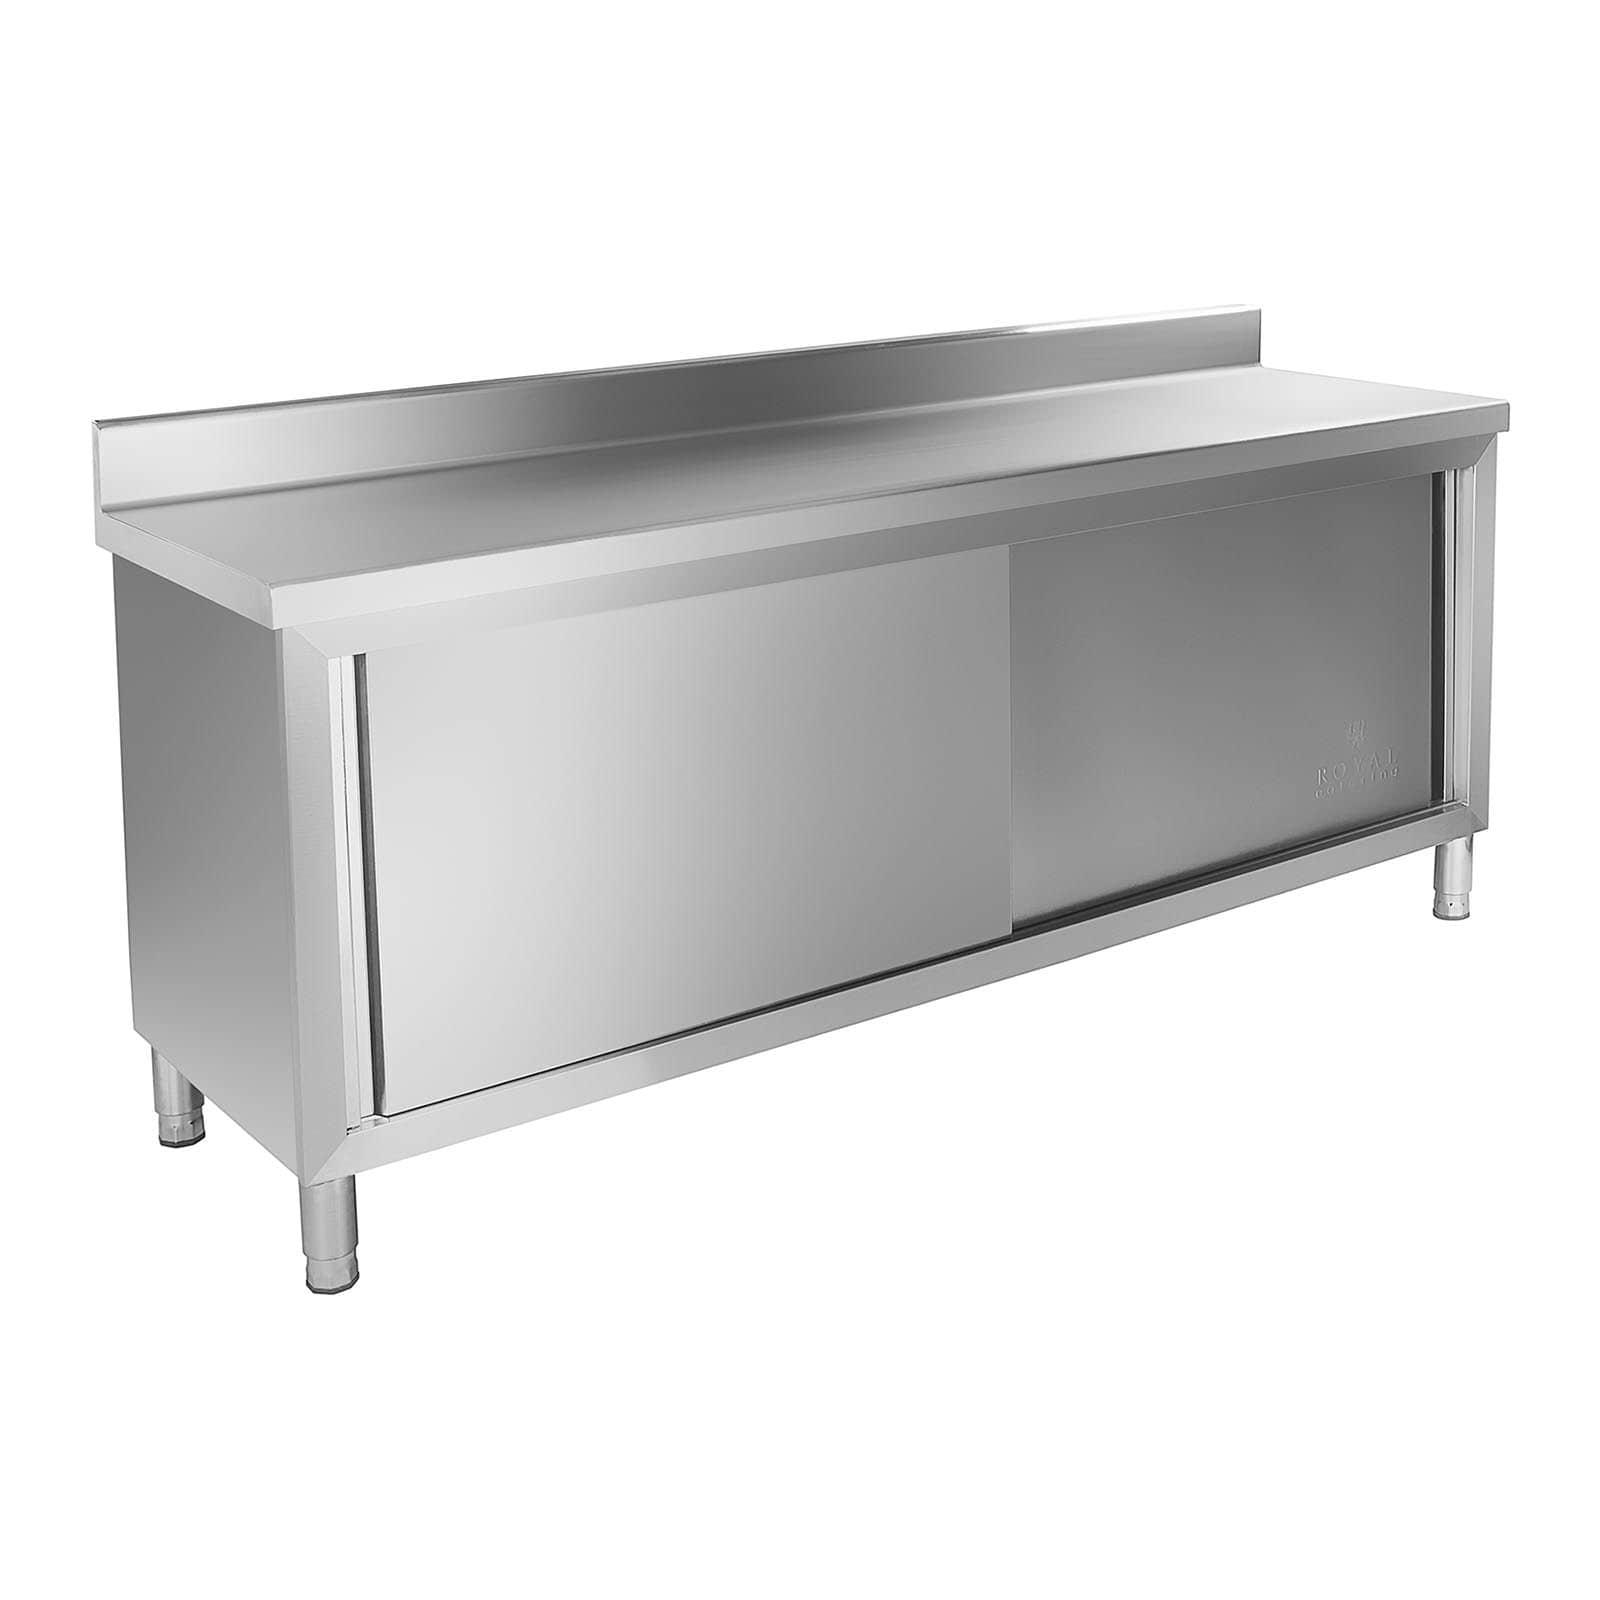 Cool meuble plaque cuisson meuble bas inox la qualit au - Meuble bas pour plaque de cuisson ...